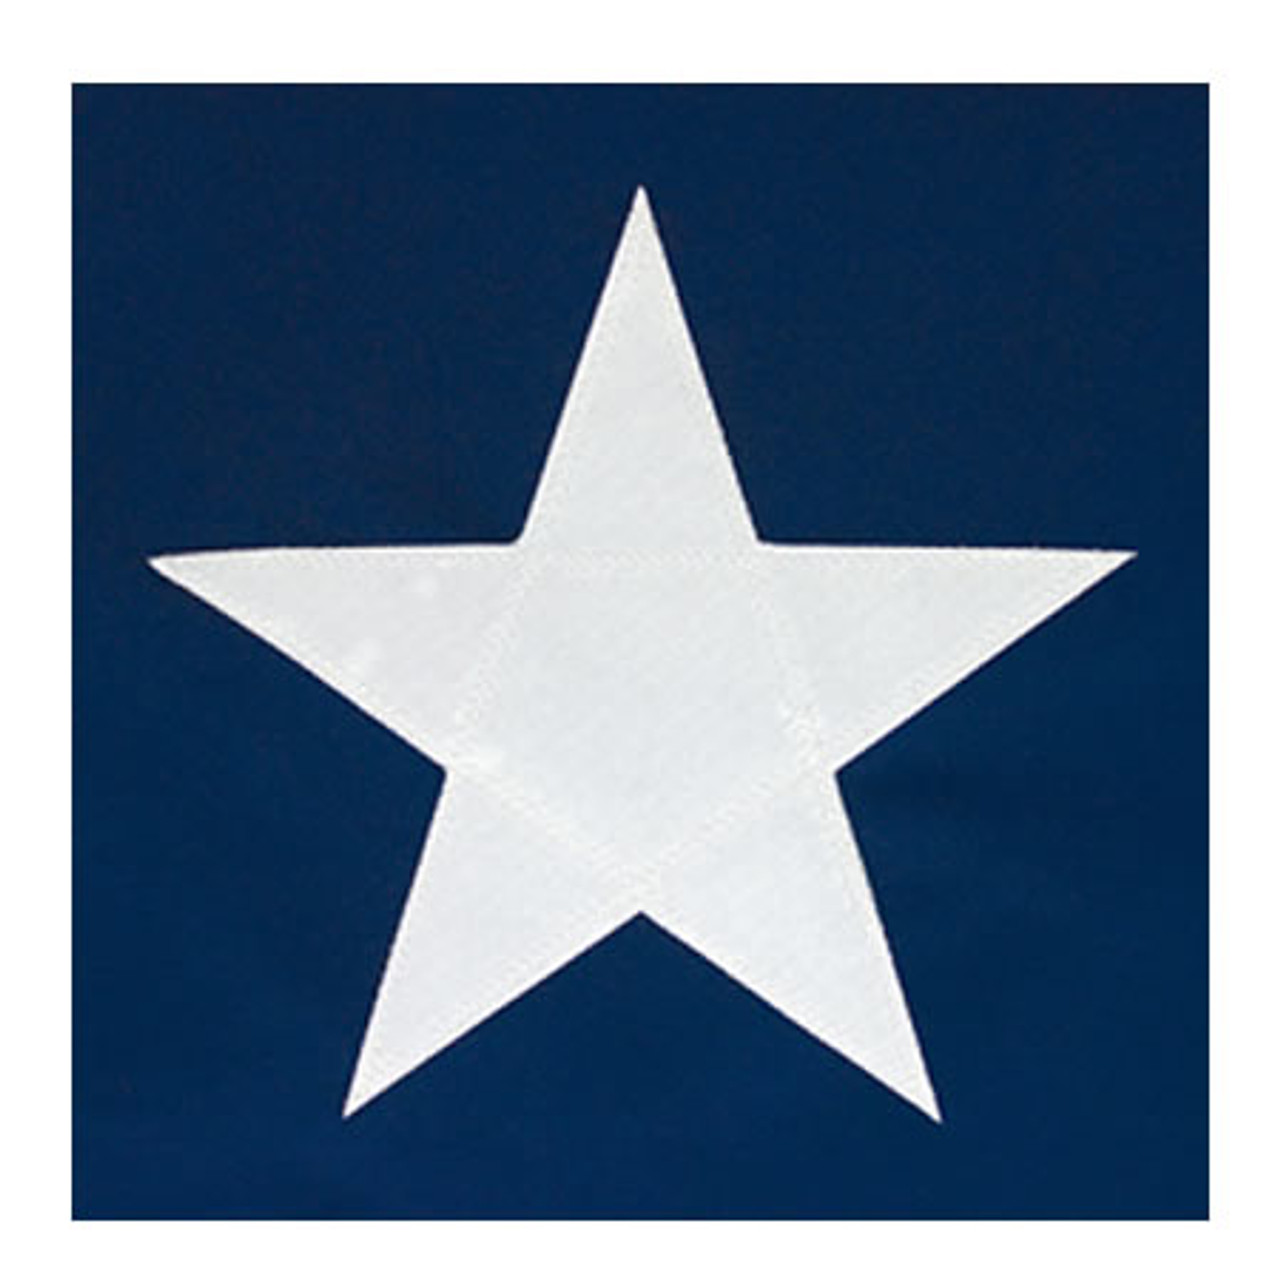 4' x 6' Nylon Texas Flag